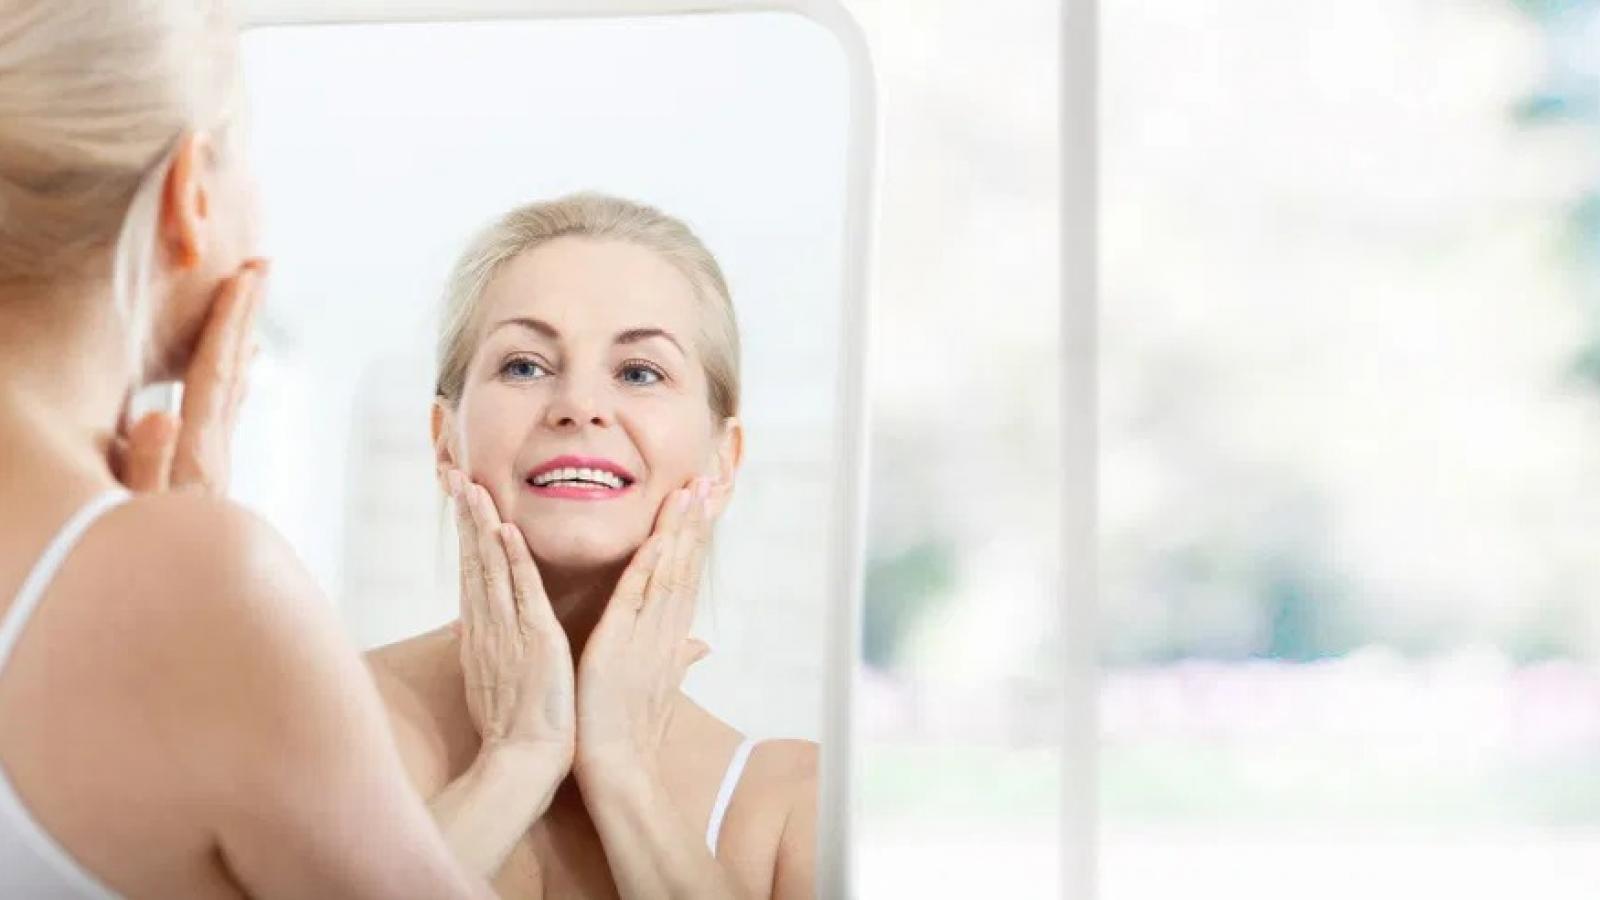 clinica de cirurgia plastica em santos dra ana lucia lemos lifting facial 11.02.21